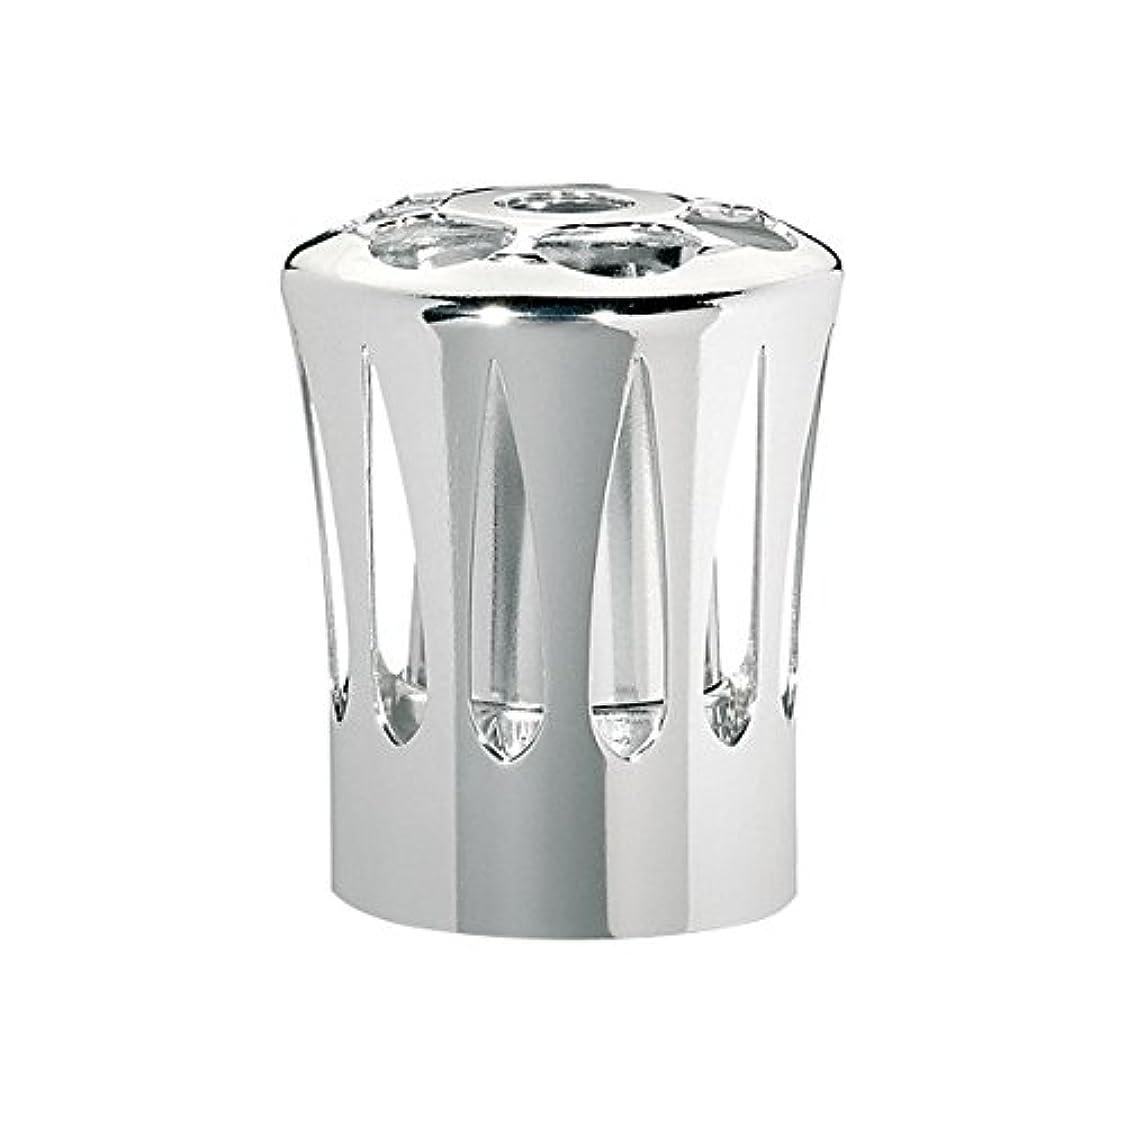 取得巻き戻す飲み込むランプベルジェ(LAMPE BERGER) 安全キャップ【正規輸入品】飾り蓋シルバー